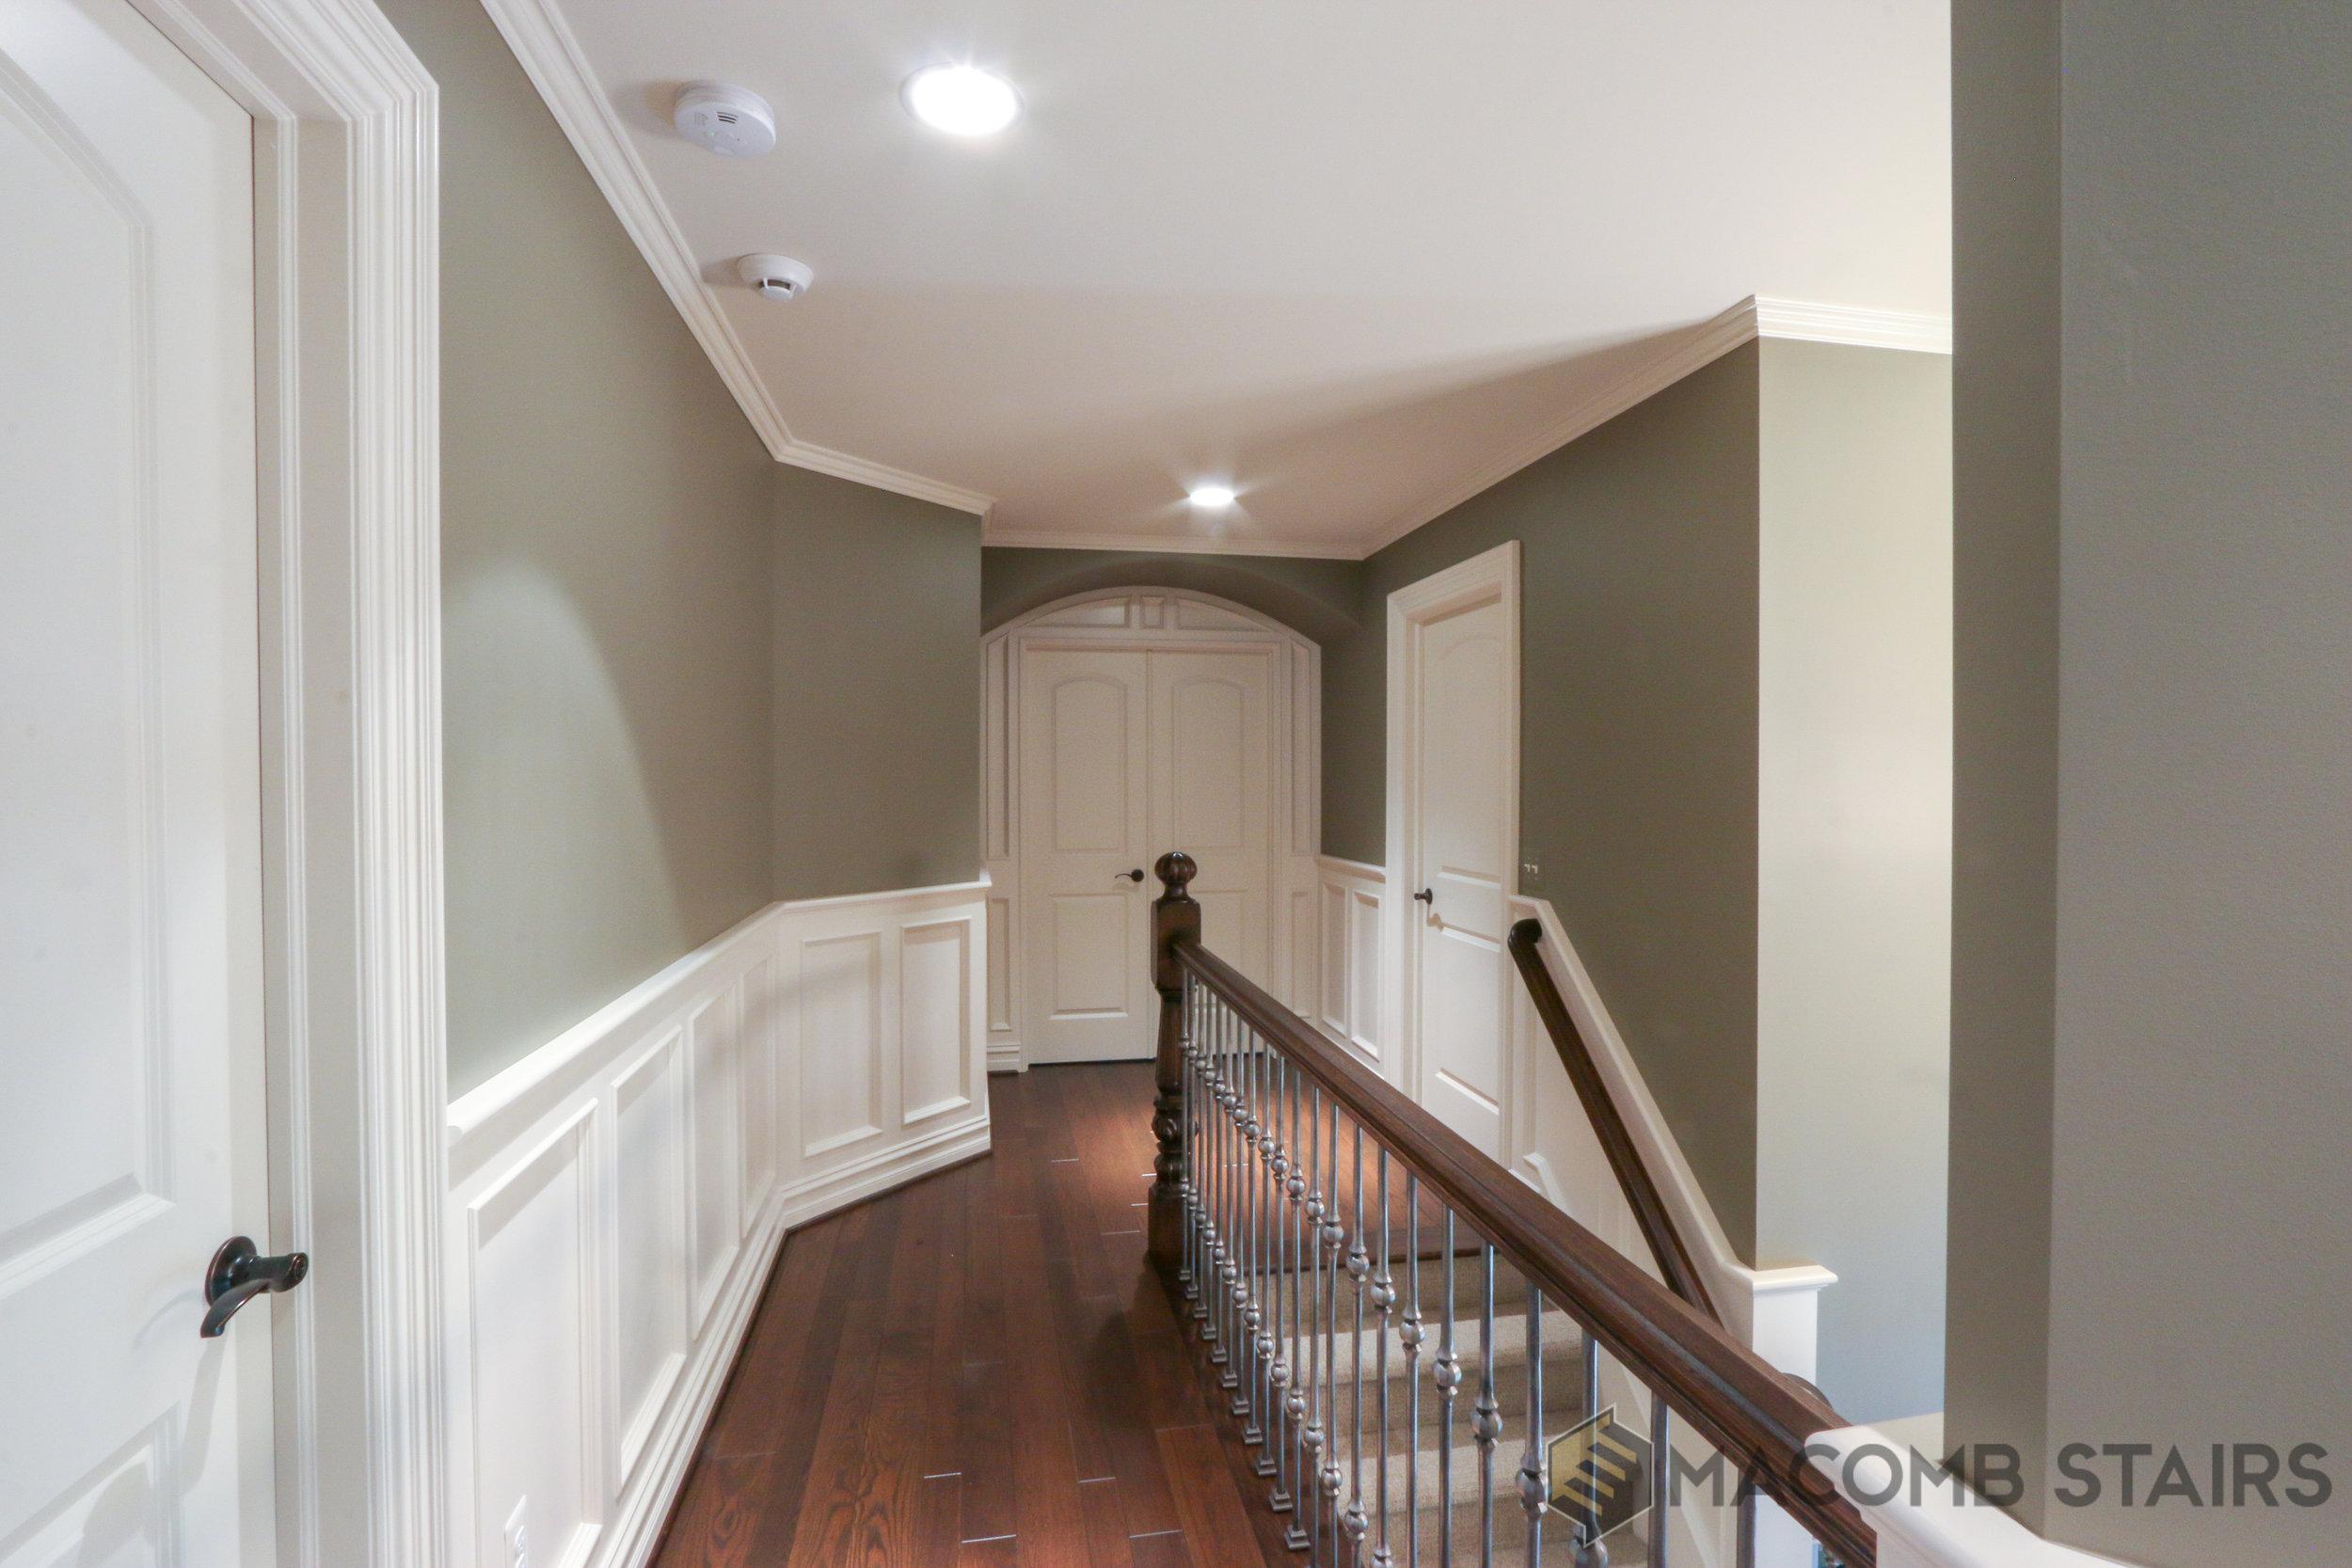 Macomb Stairs- Stair Photo-206.jpg